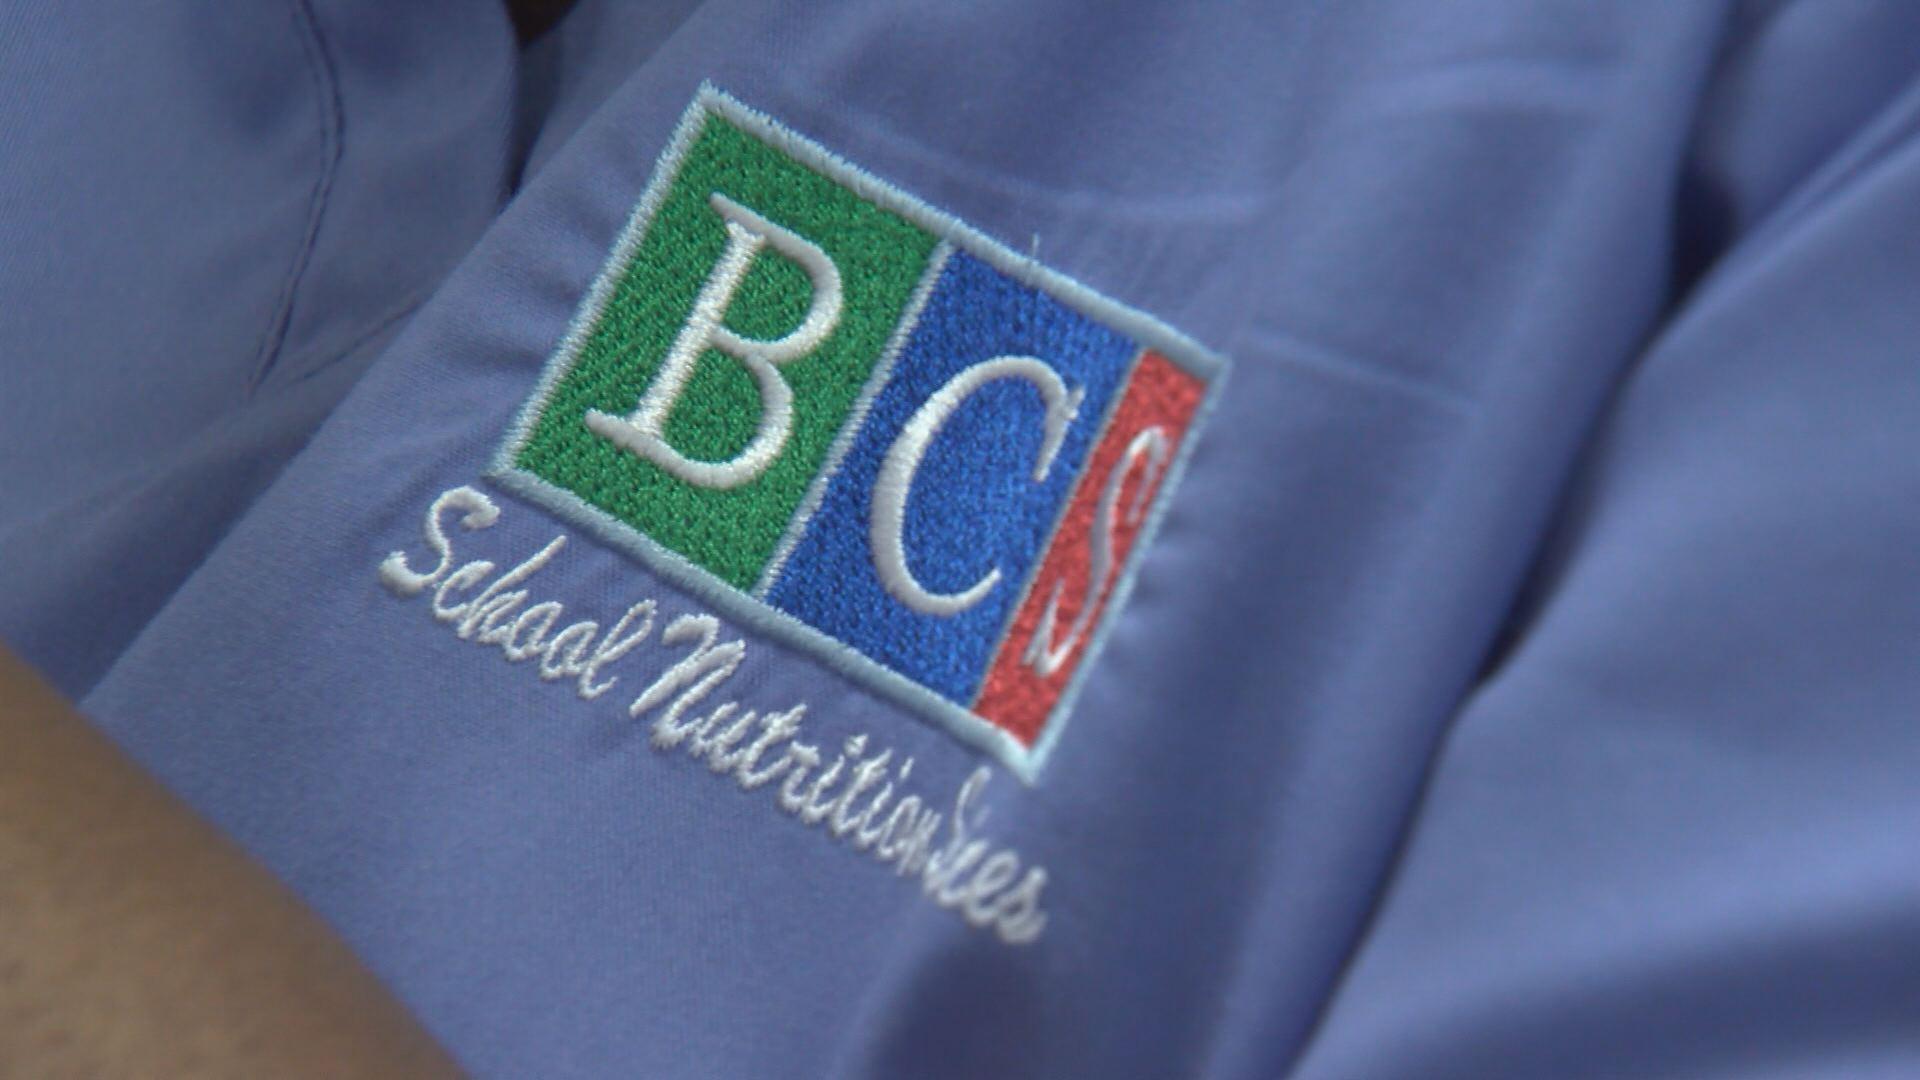 BCS SCHOOL NUTRITION SERVICES_487975